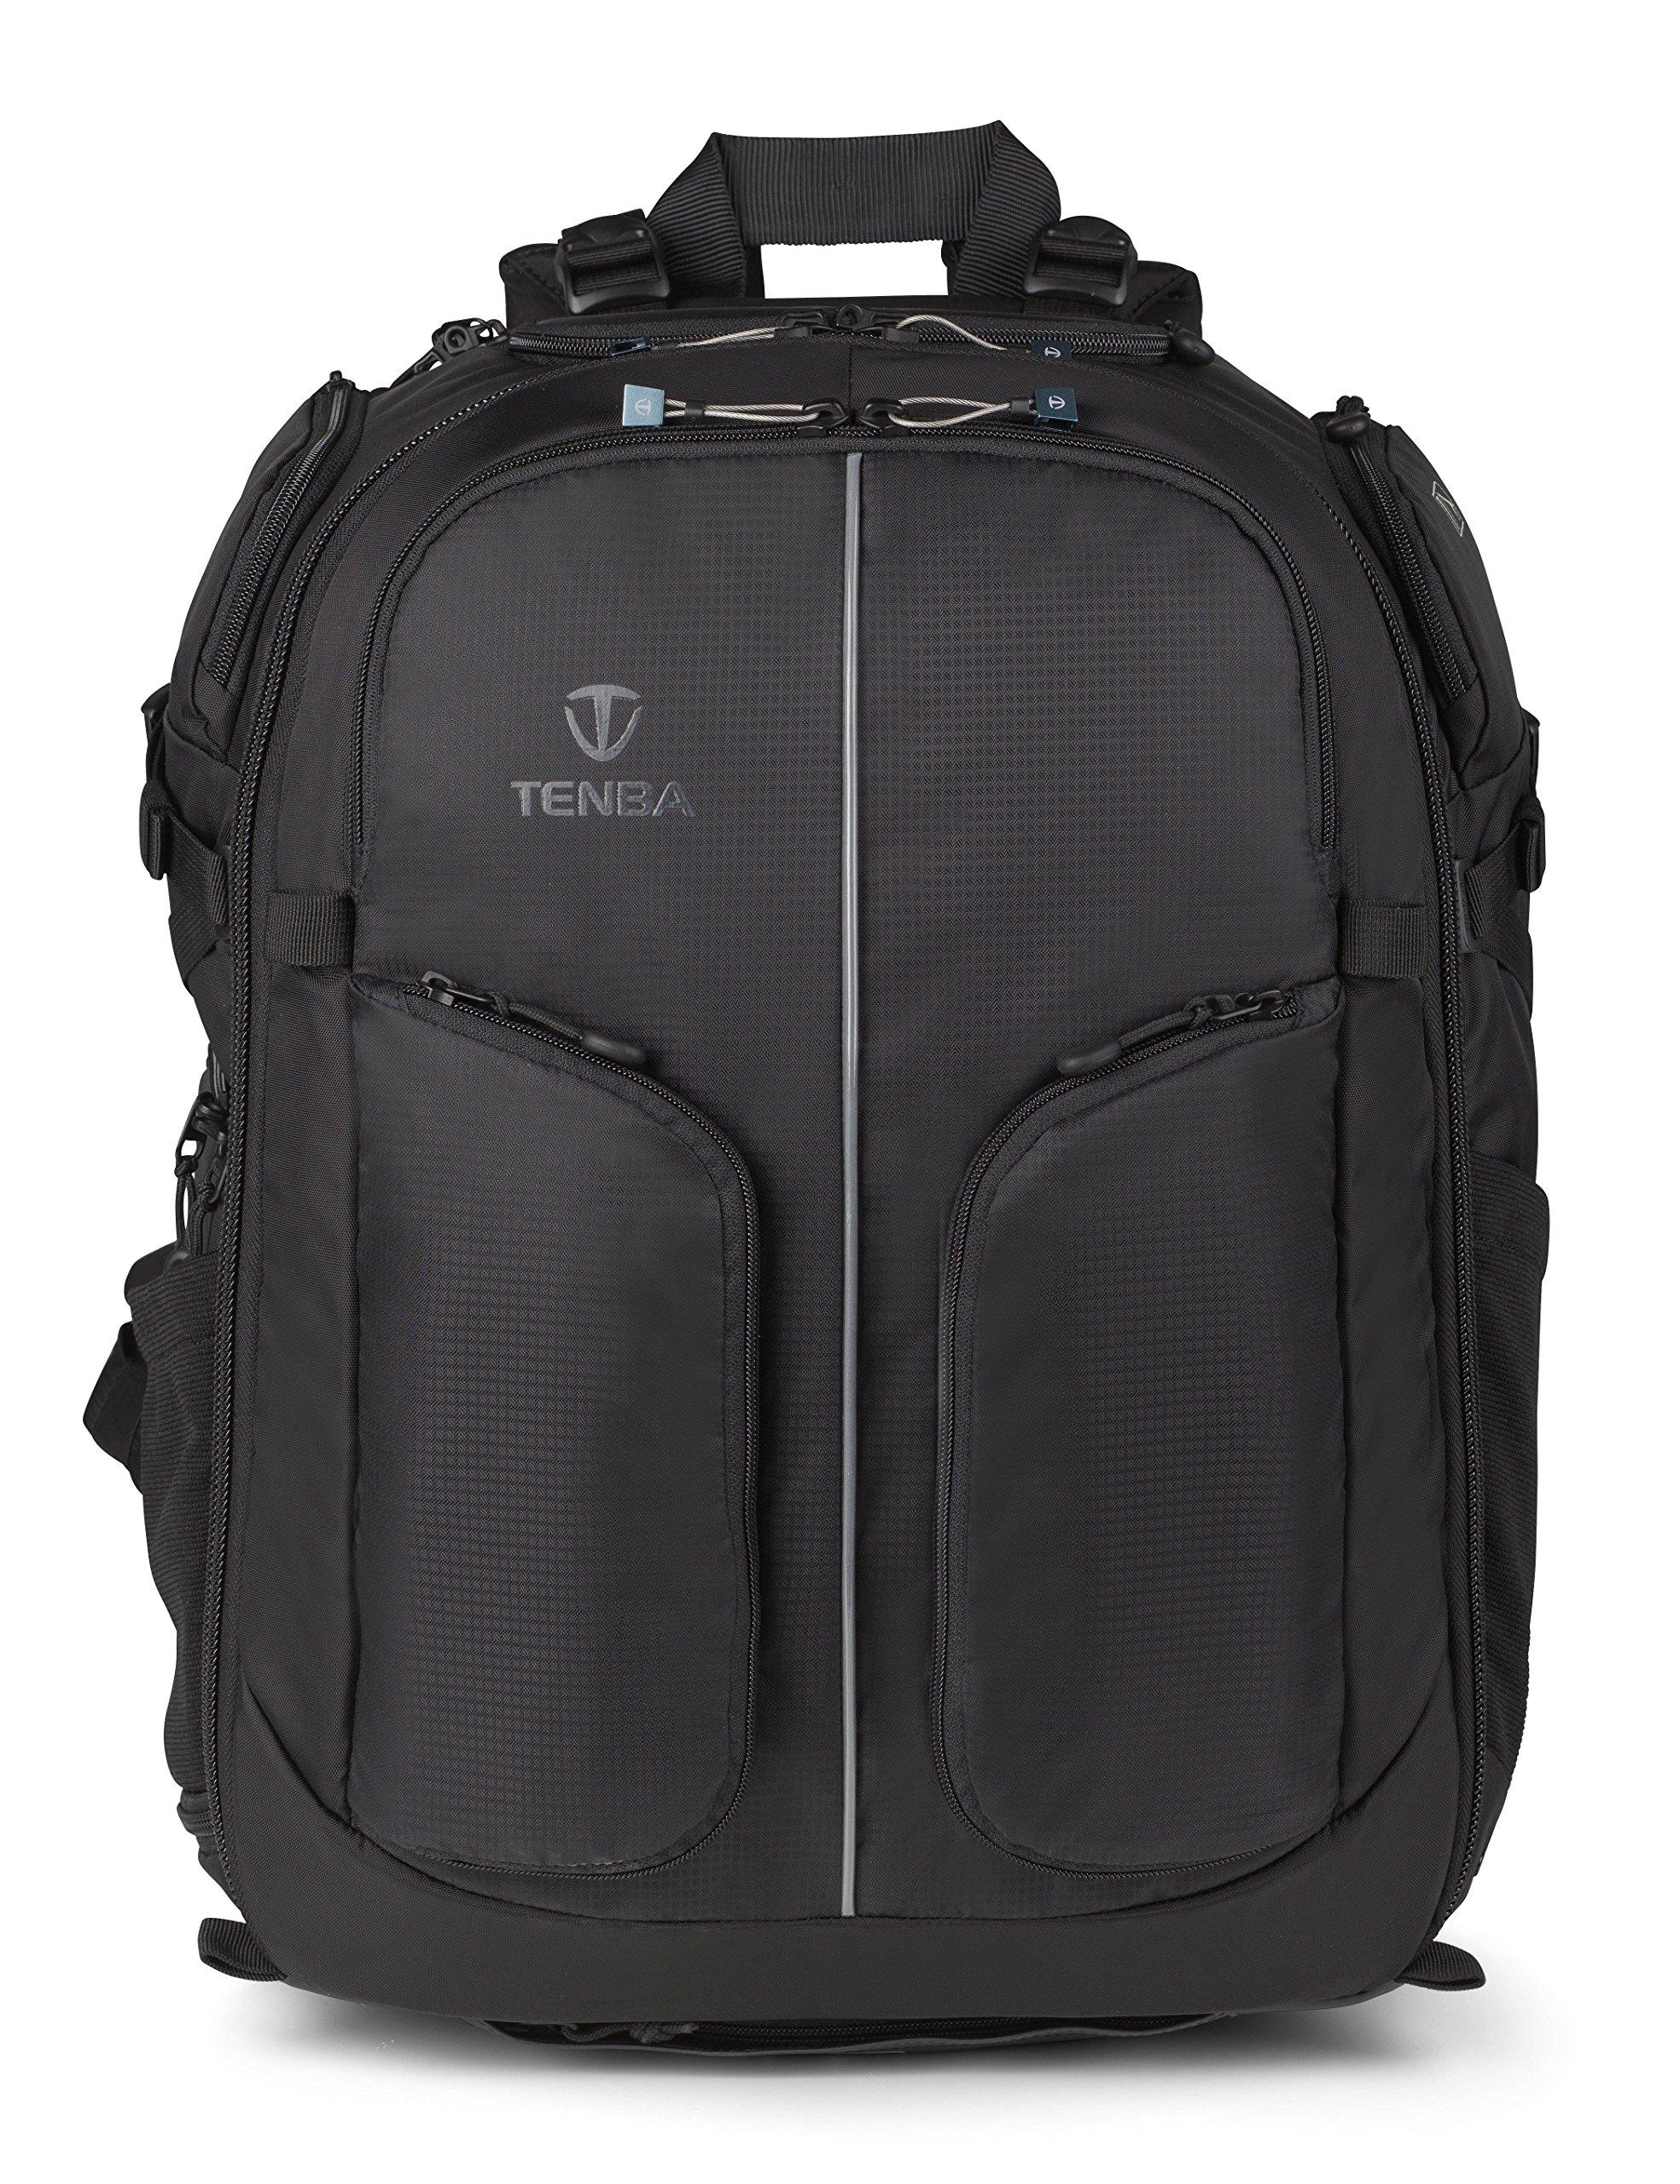 Tenba Shootout 32L Bag (632-431) by Tenba